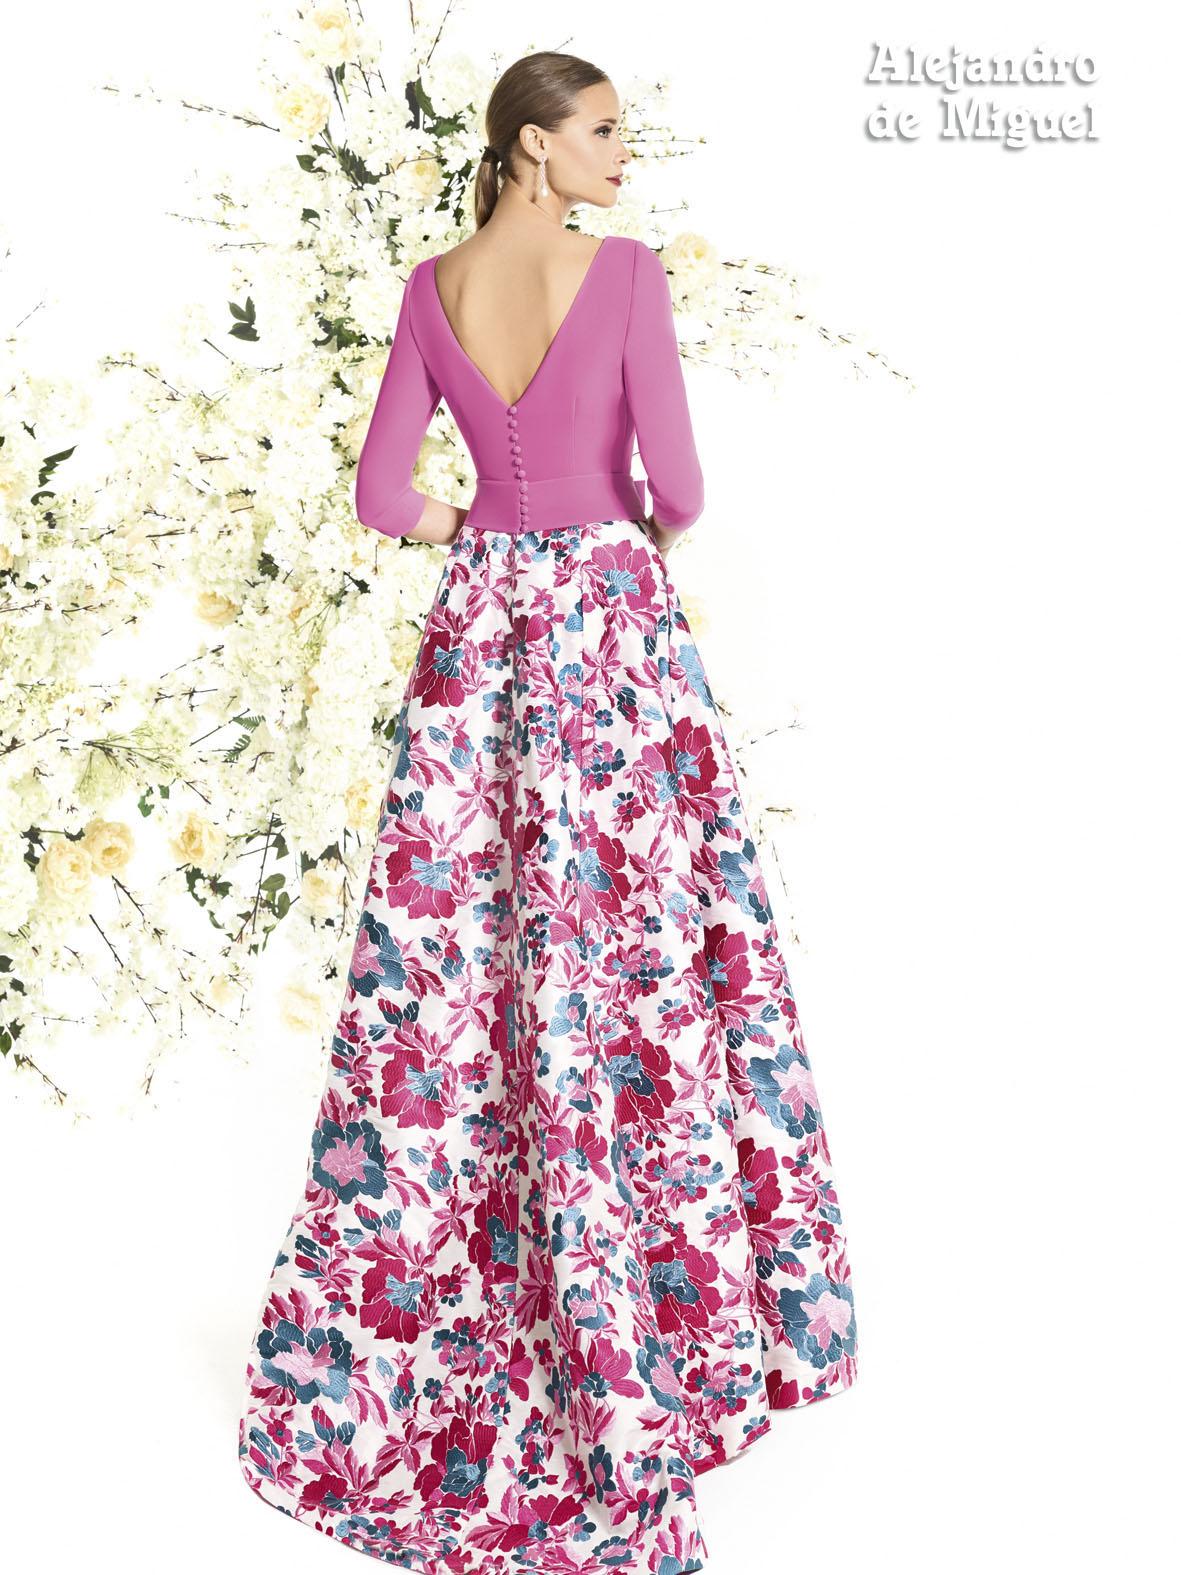 Asombroso Vestidos De Fiesta Reno Nv Embellecimiento - Colección del ...